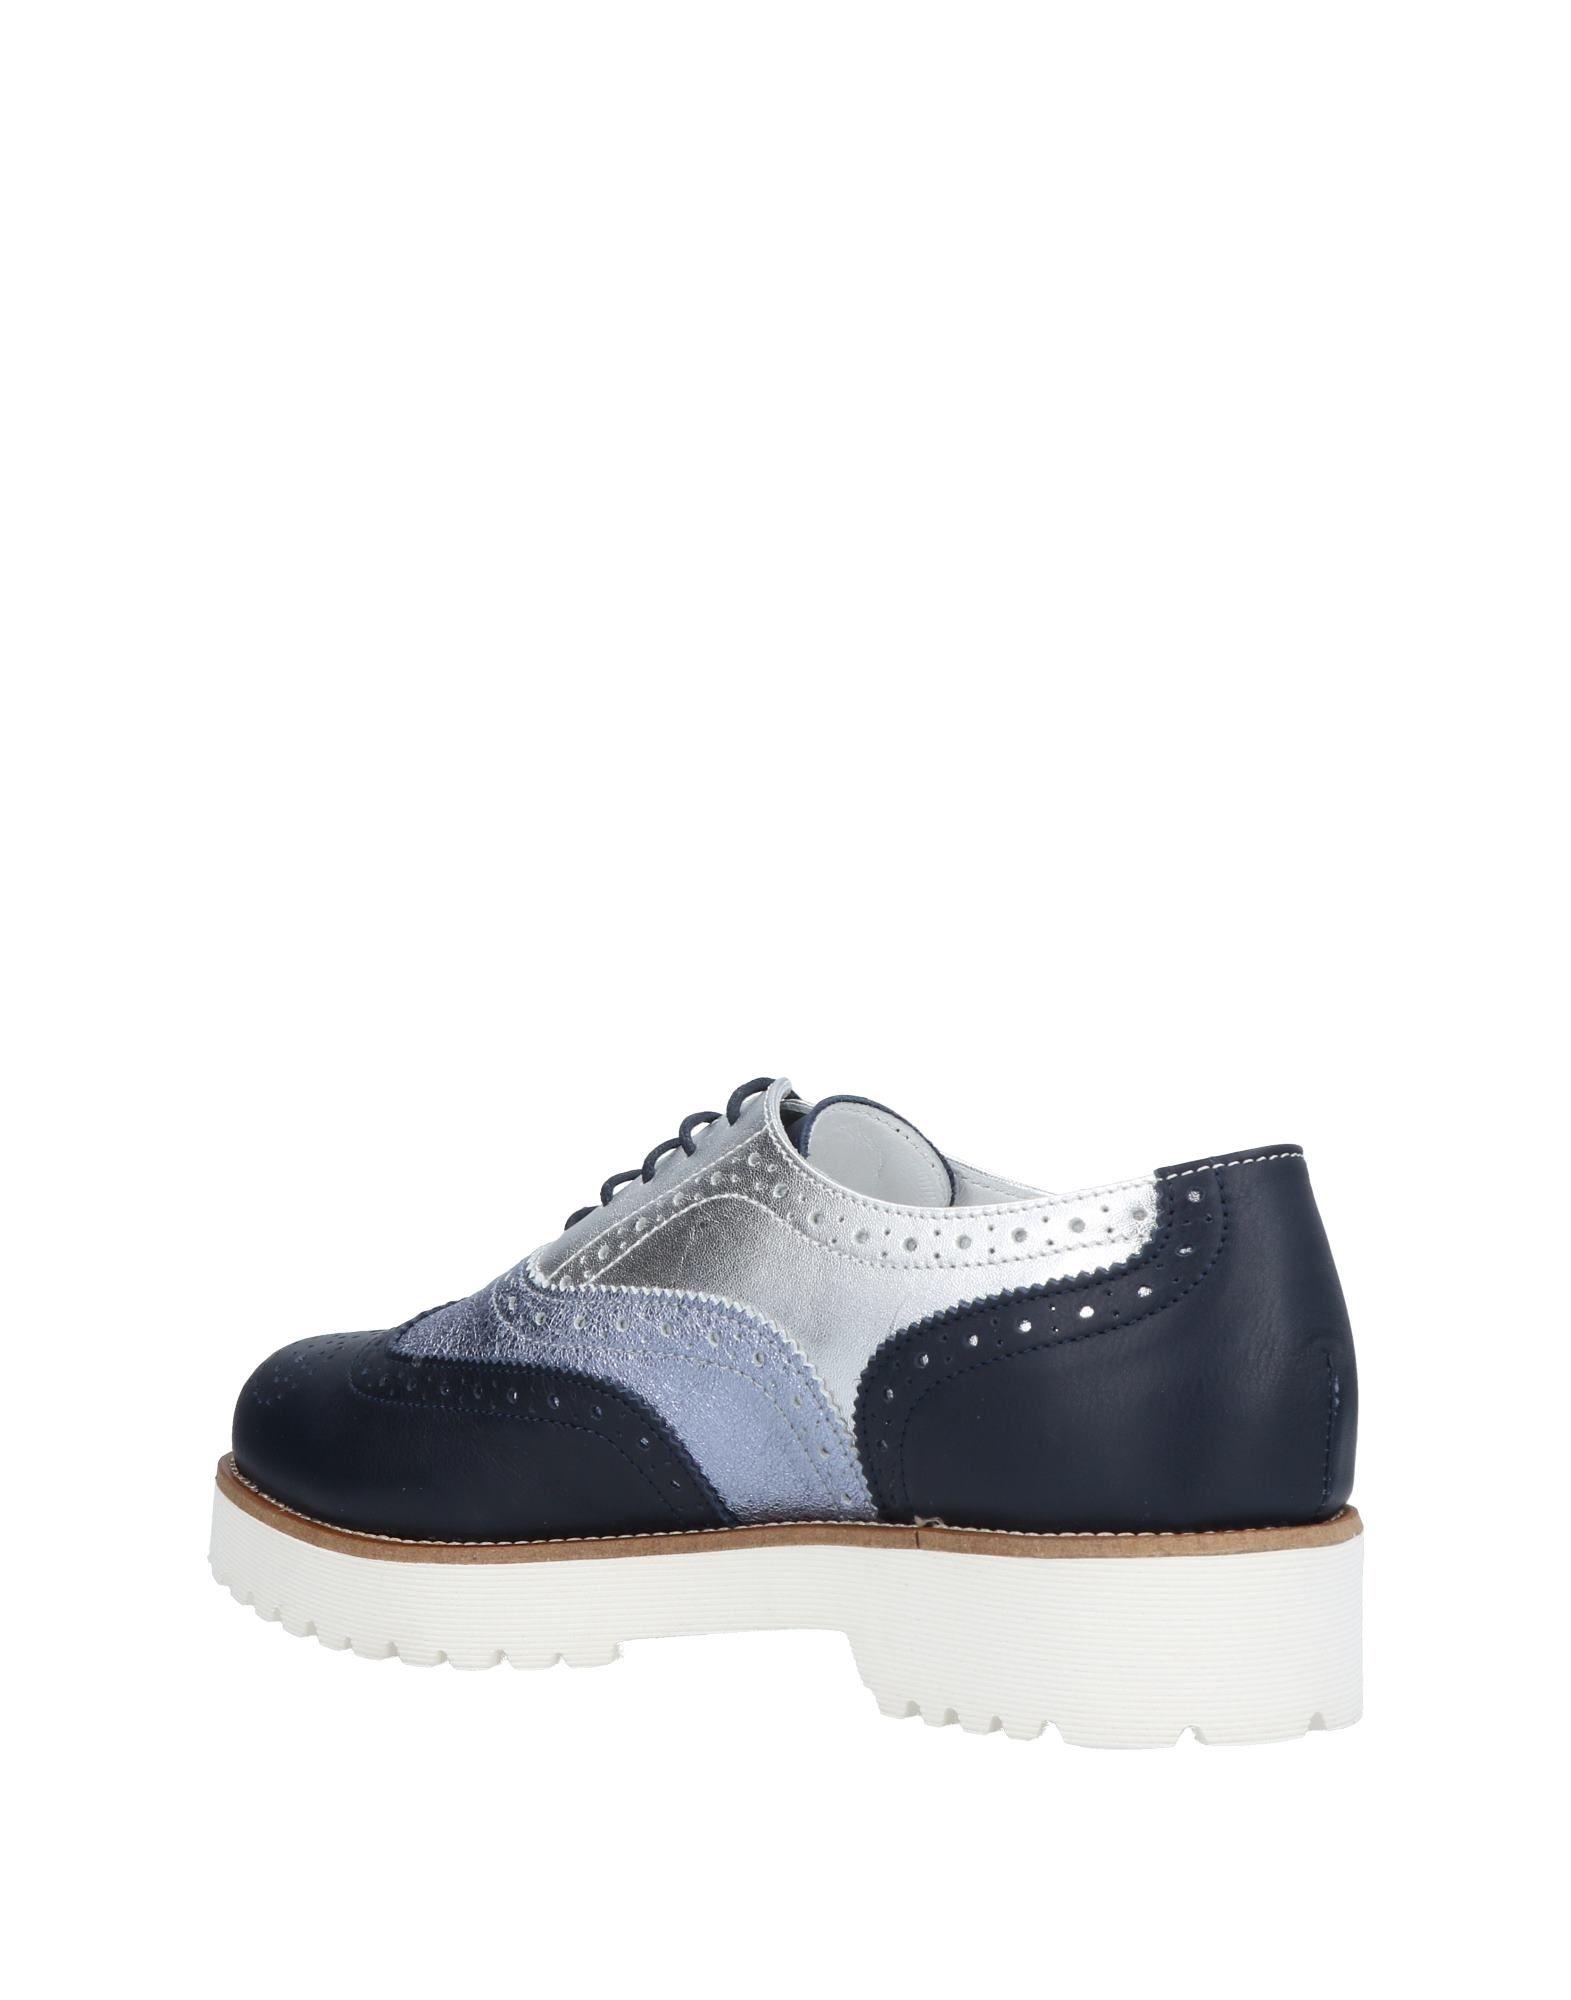 Juli Pascal Paris Schnürschuhe Damen  Schuhe 11456123JV Gute Qualität beliebte Schuhe  77727b